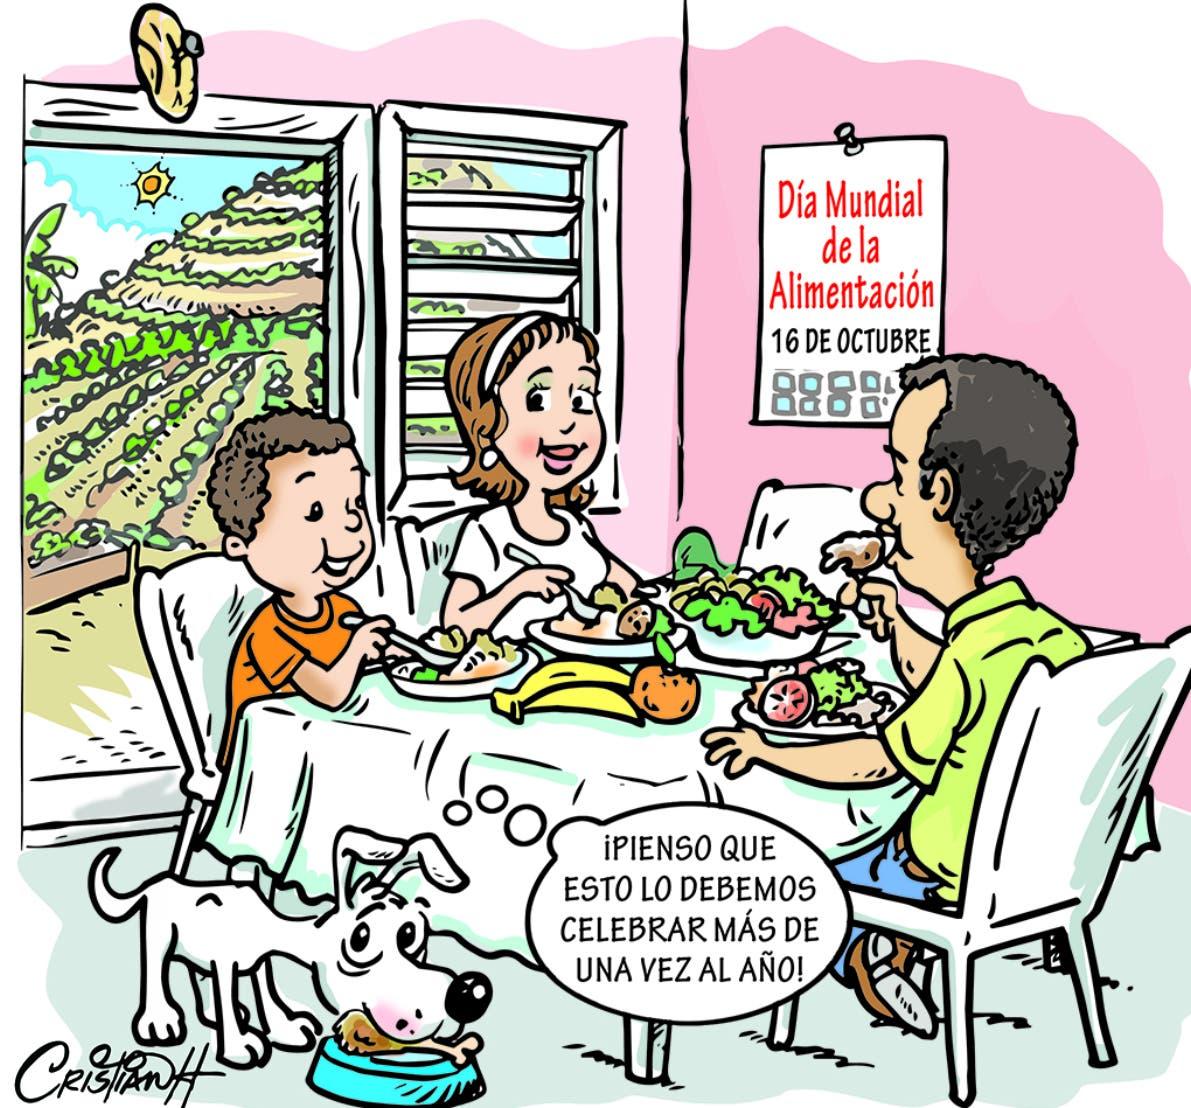 Caricatura Cristian Caricaturas – El Día, 16 de Octubre, 2020